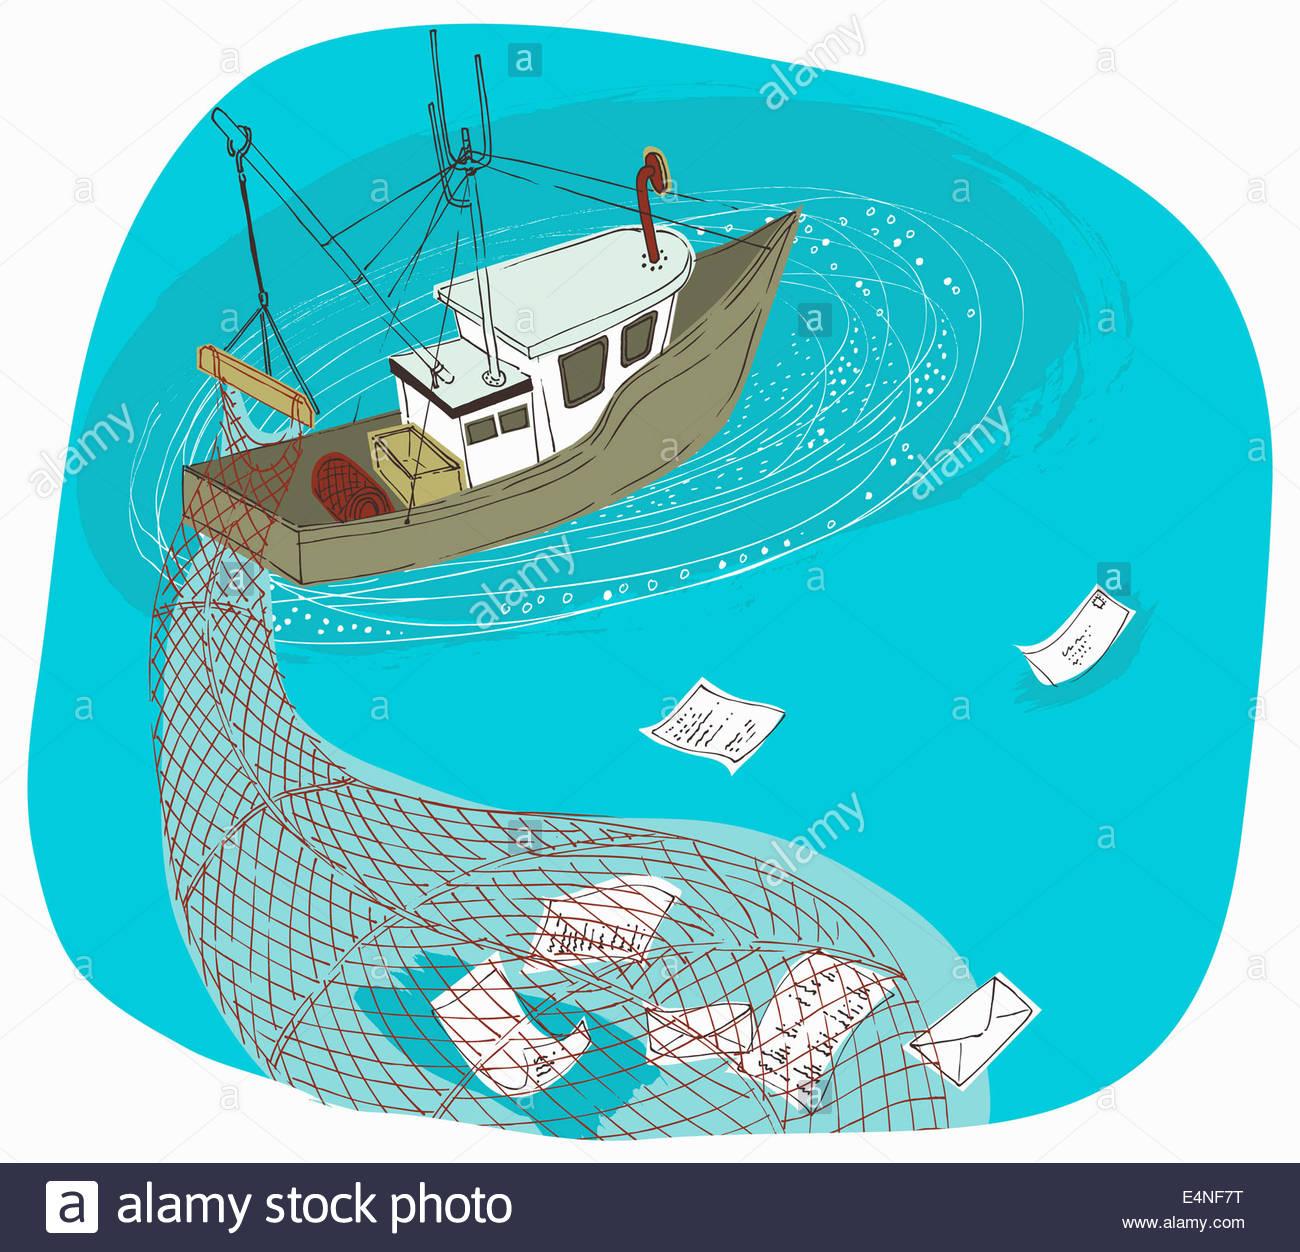 Trawler Schiff mit net Phishing und sammeln von Informationen Stockbild